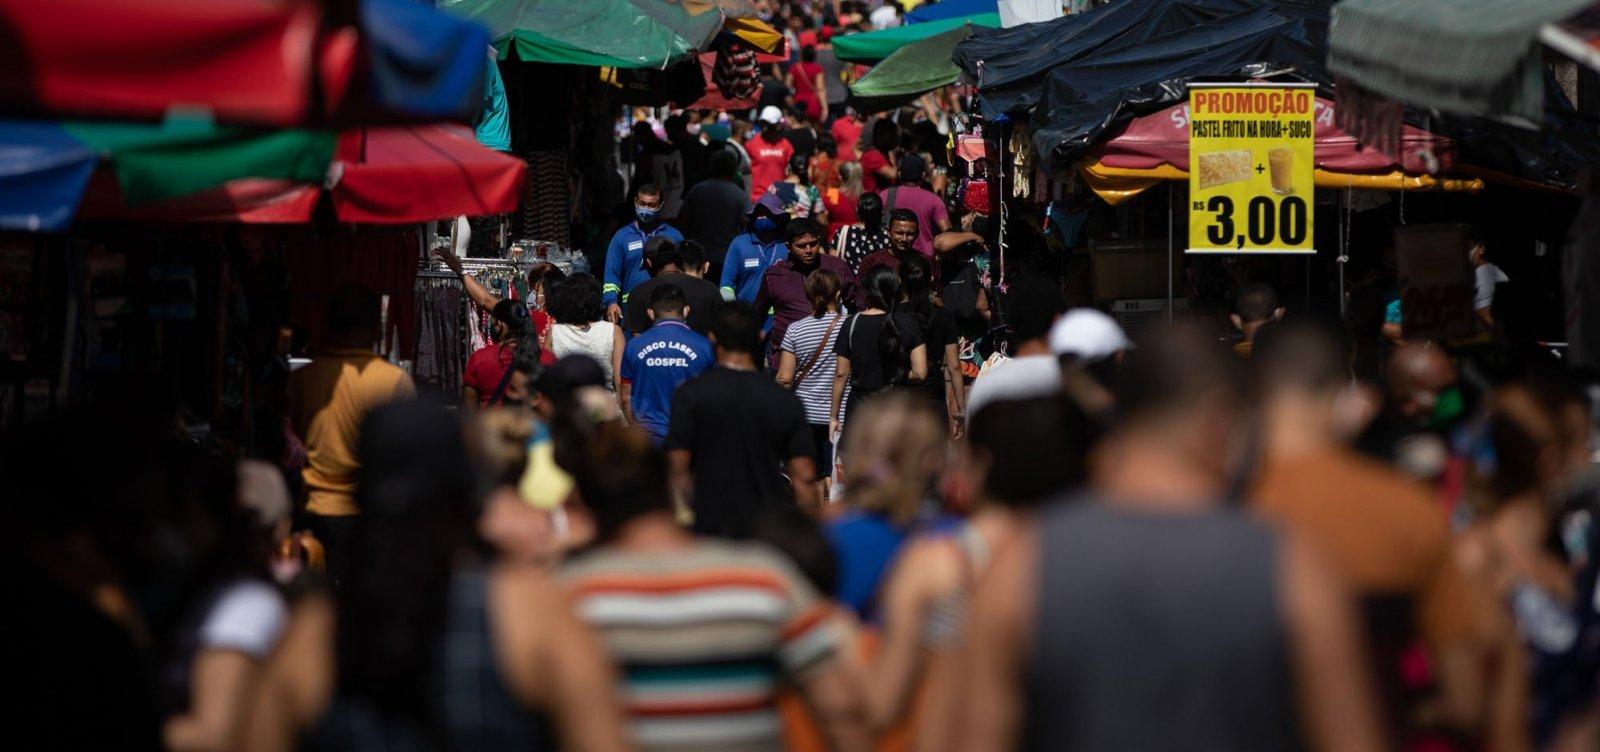 [Estudo preliminar sugere que Manaus pode ter alcançado imunidade de rebanho contra a Covid-19]